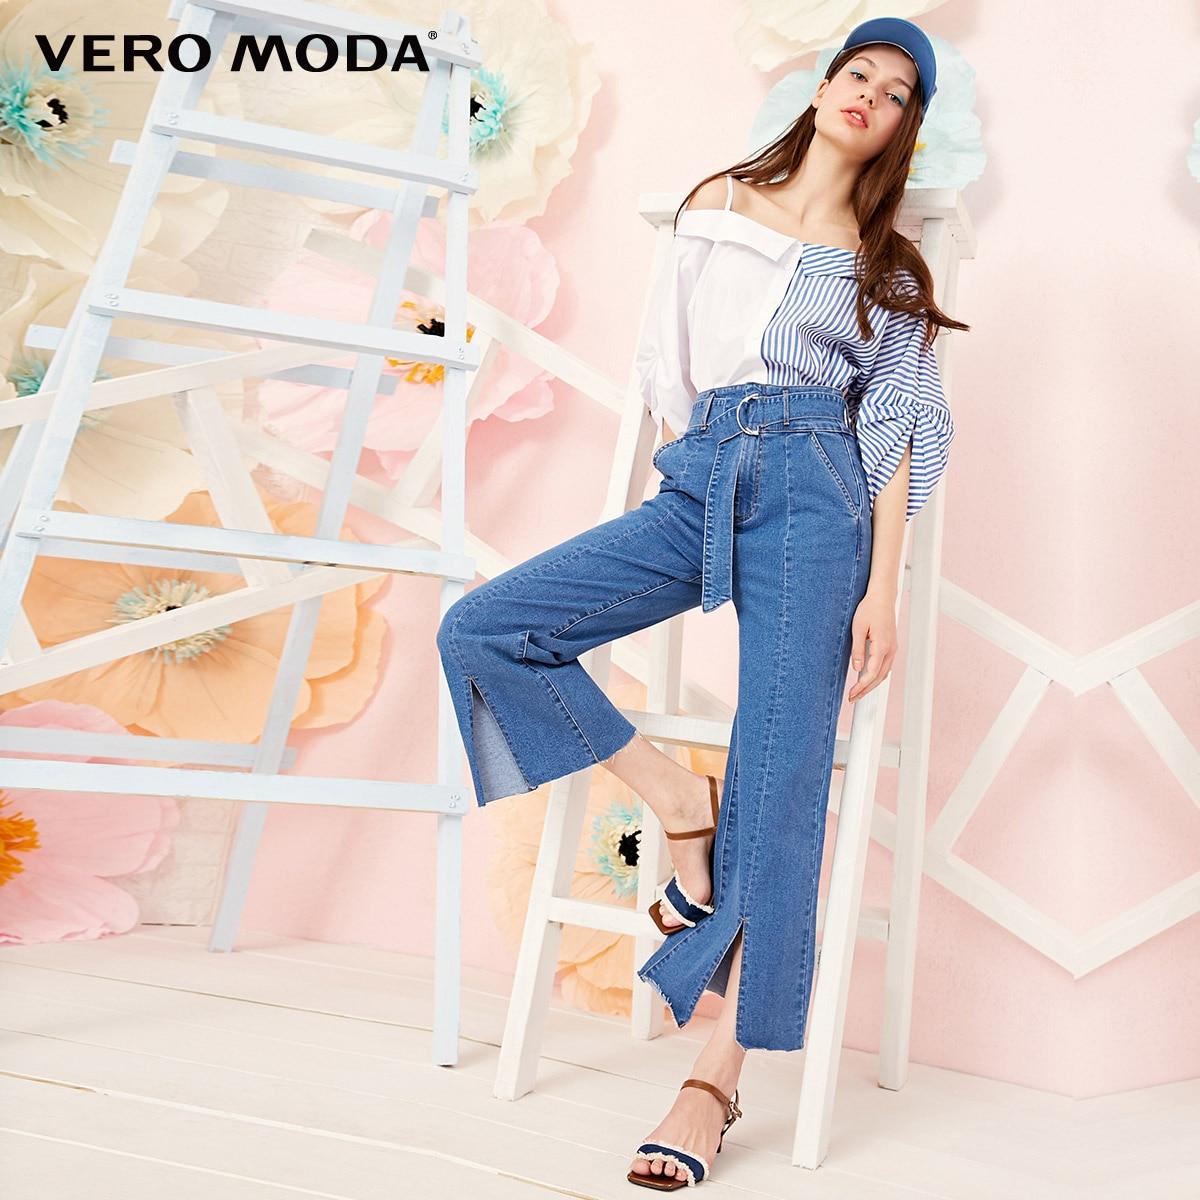 Vero Moda 2019 New Arrivals Women's High Waist Split Cuffs Wide-leg Jeans  | 319149545